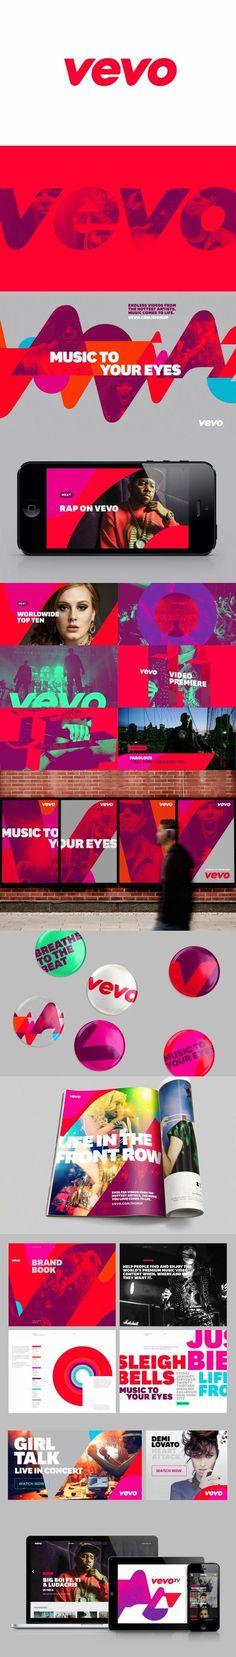 En esta imagen la tipografía y el color rojo también dan una sensación de…. If you like UX, design, or design thinking, check out theuxblog.com podcast https://itunes.apple.com/us/podcast/ux-blog-user-experience-design/id1127946001?mt=2